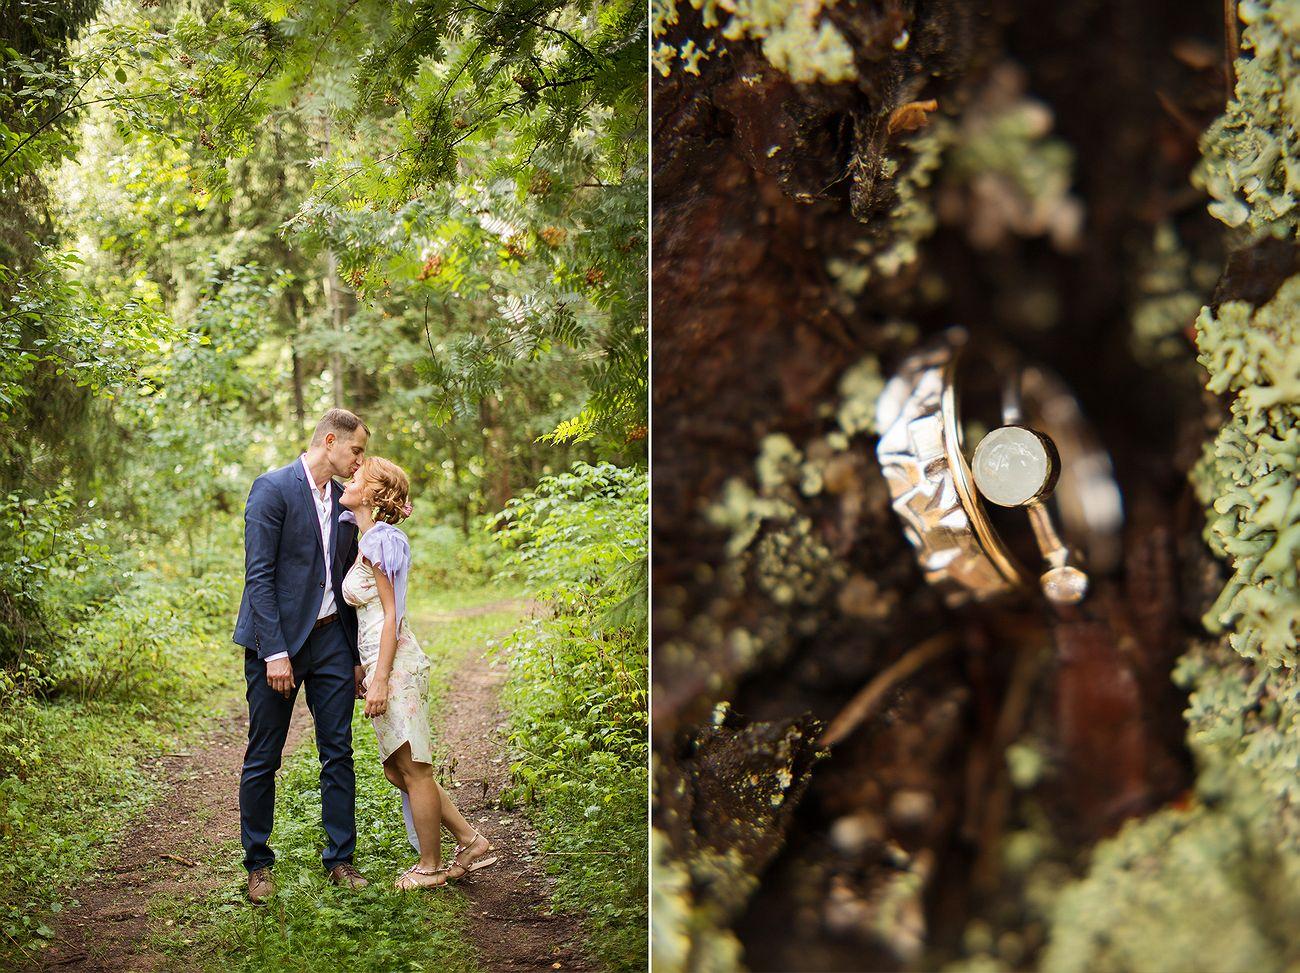 прогулка жениха и невесты, кольца